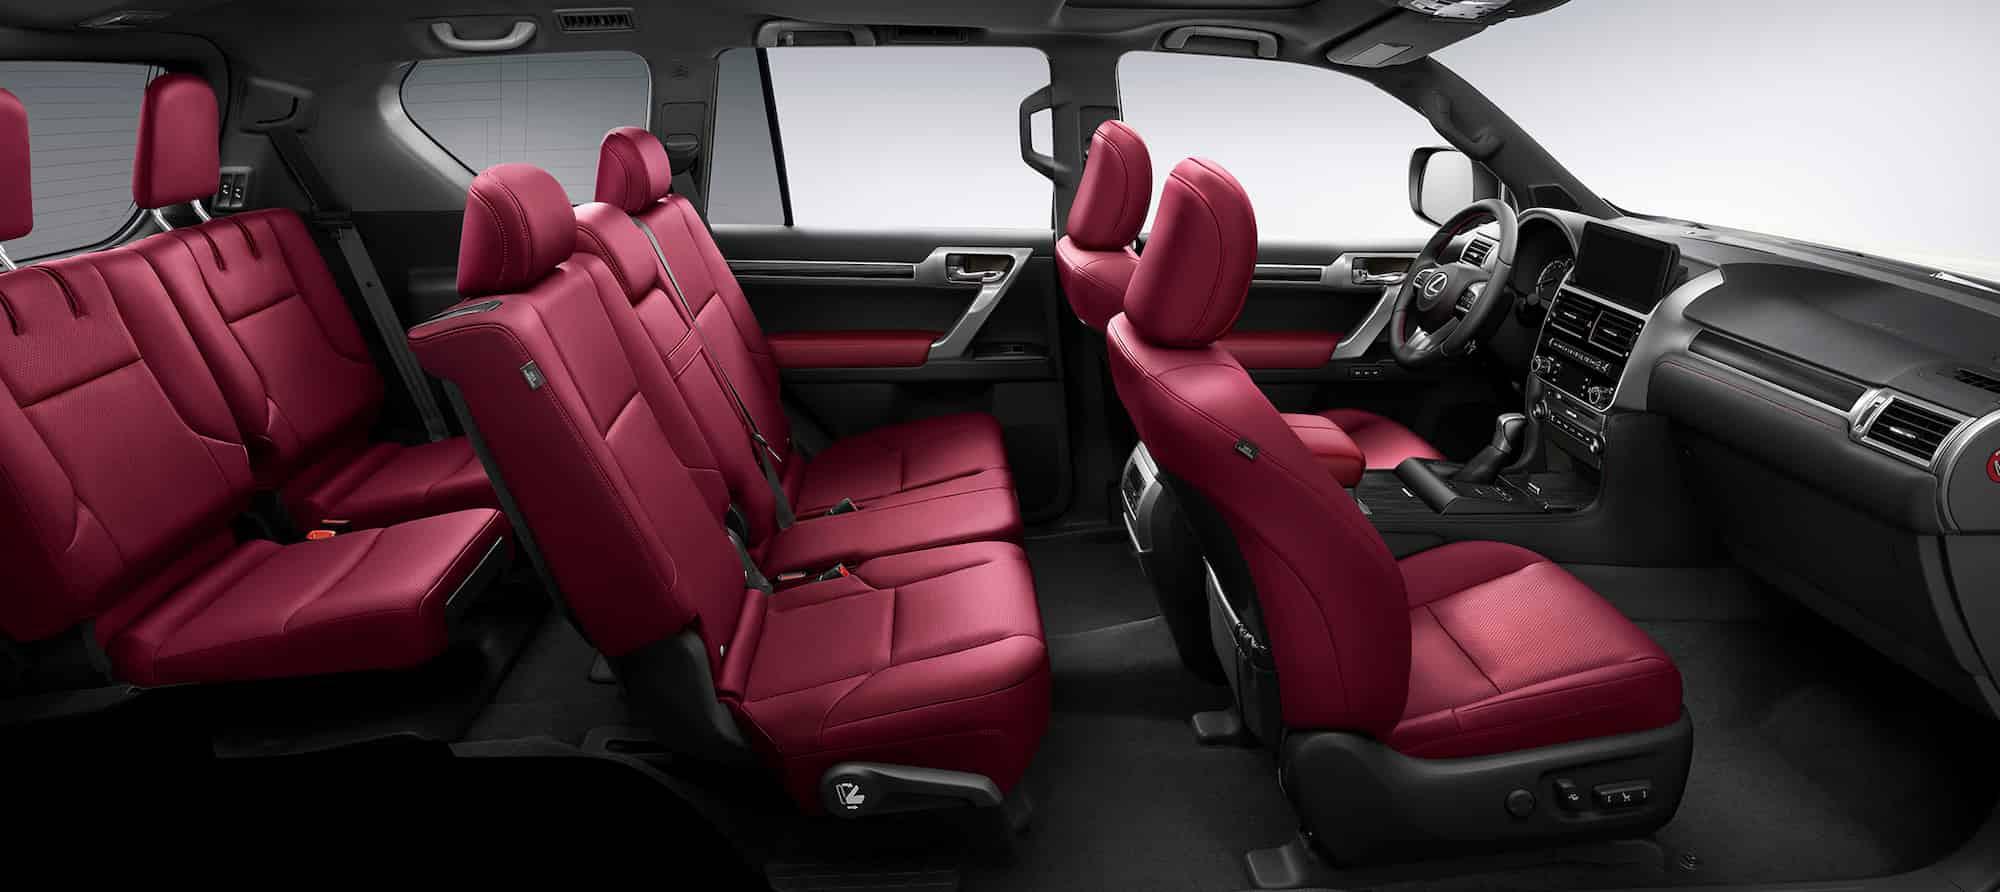 В России стартовал приём заказов на Lexus GX 460 с обновлённым интерьеро... 3 1